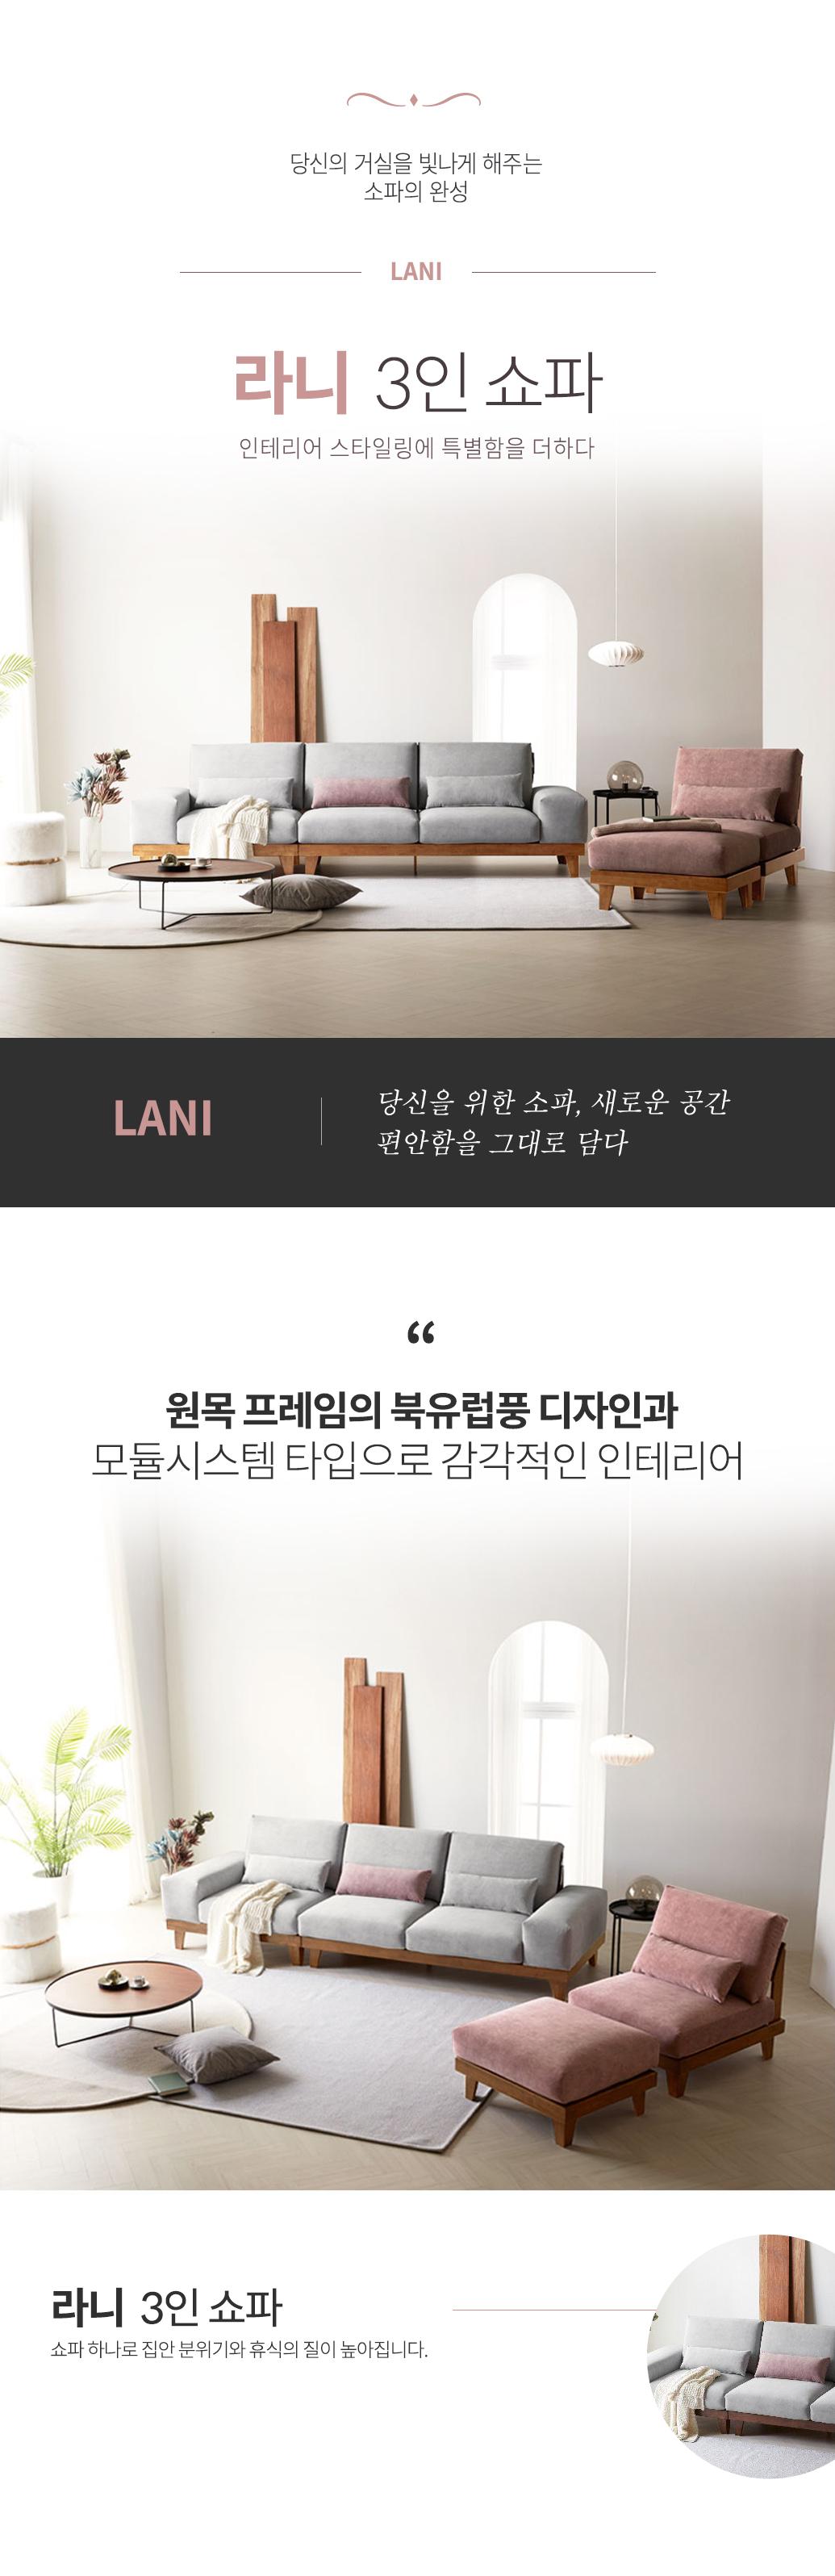 lani_3_1.jpg